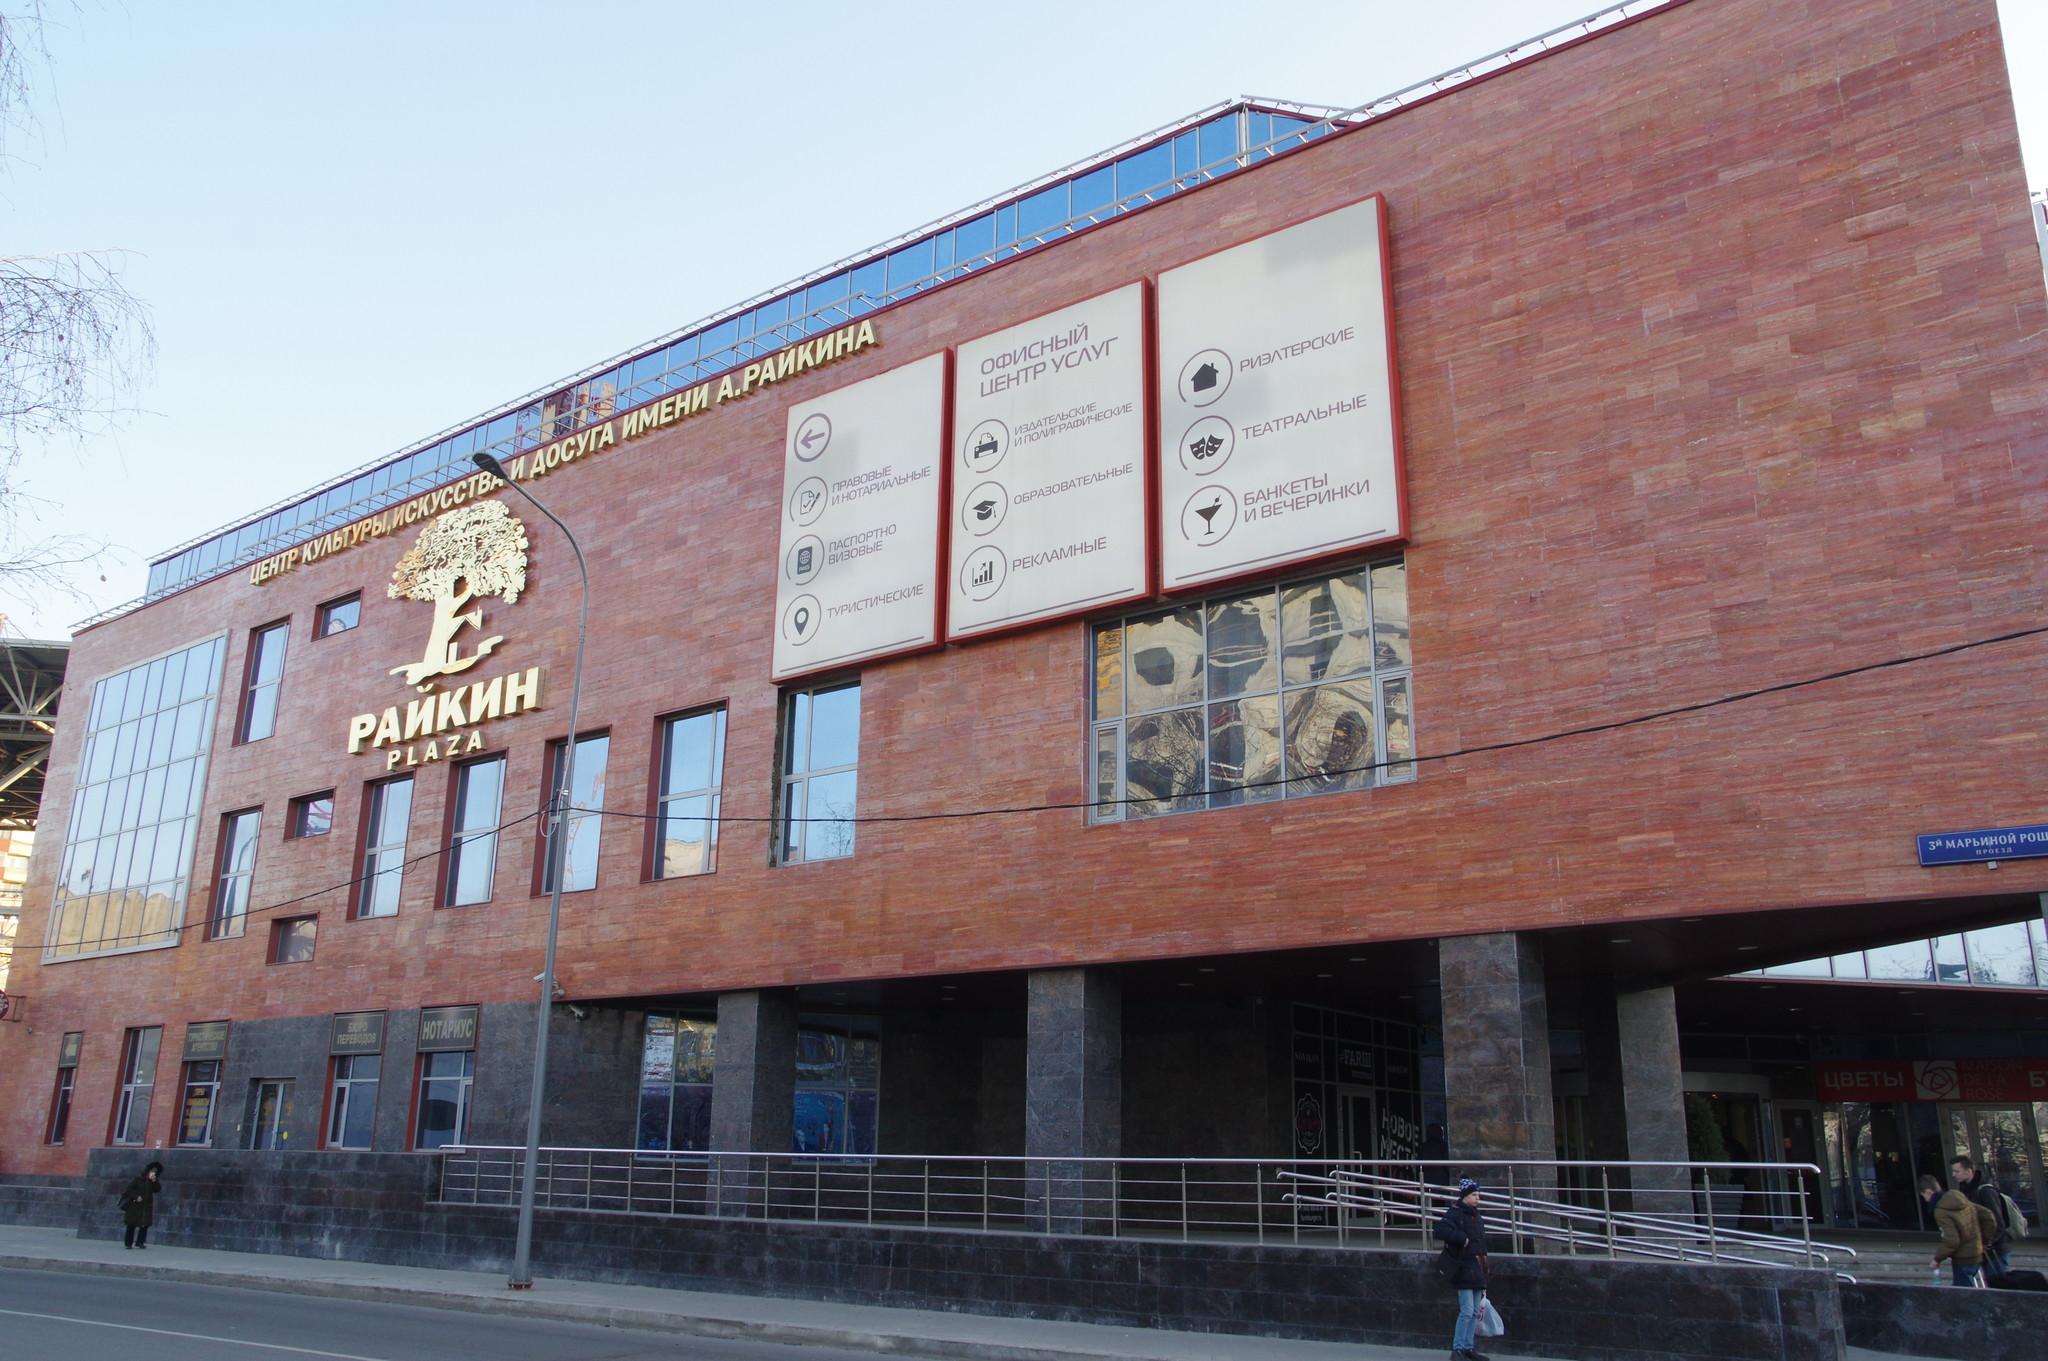 Центр культуры, искусства и досуга имени А. Райкина (Шереметьевская улица, дом 8)